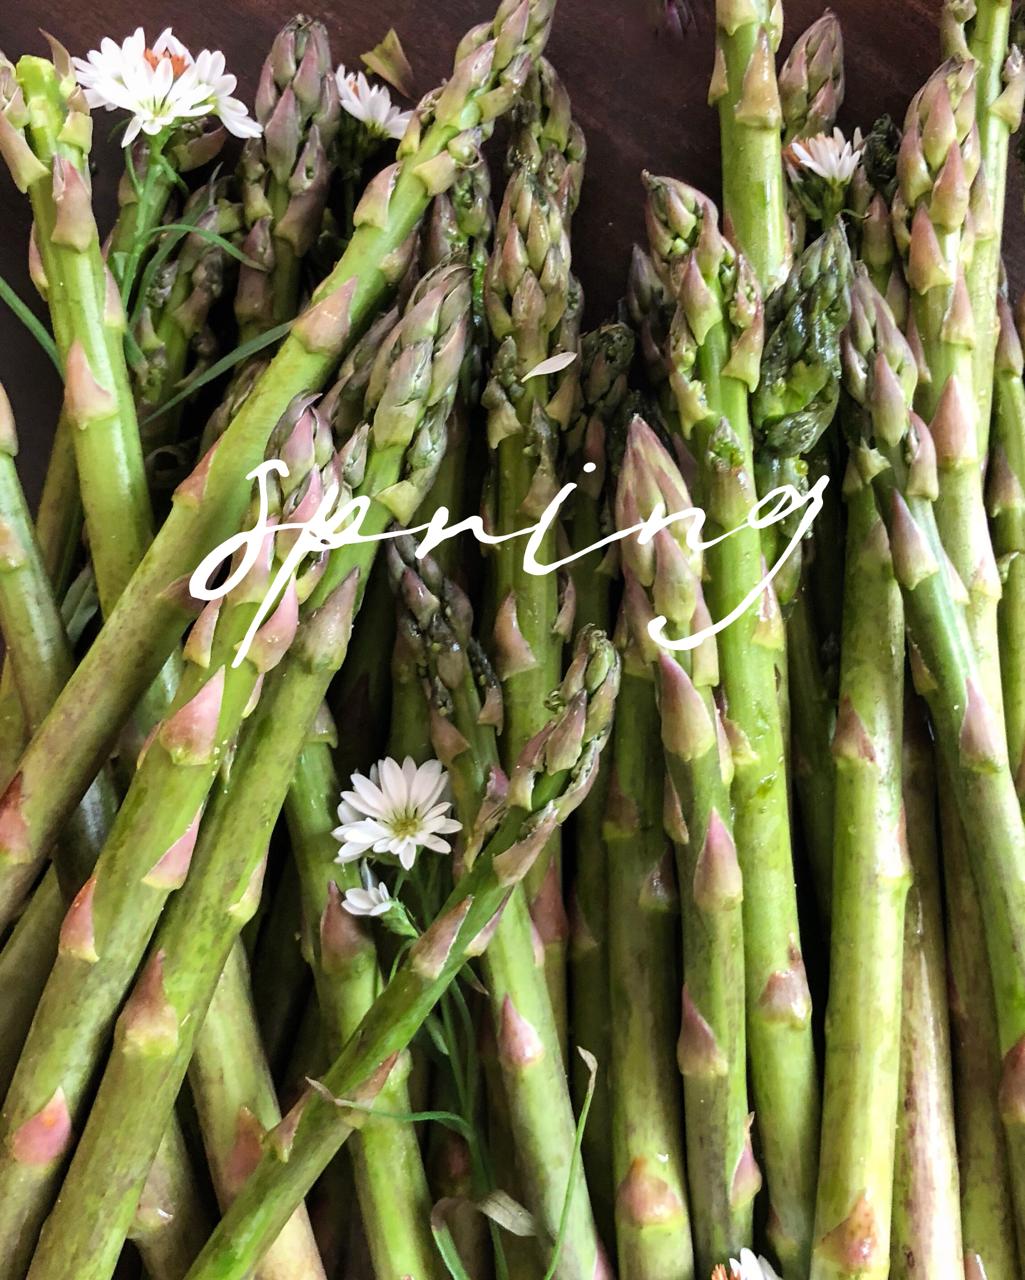 What's In Season — - My personal favorite ingredients to use during spring:Asparagus, Leeks, Peas, Artichokes, Carrots, Strawberries, Ramps, Beets, Cucumbers, Cherries, Rhubarb &Arugula